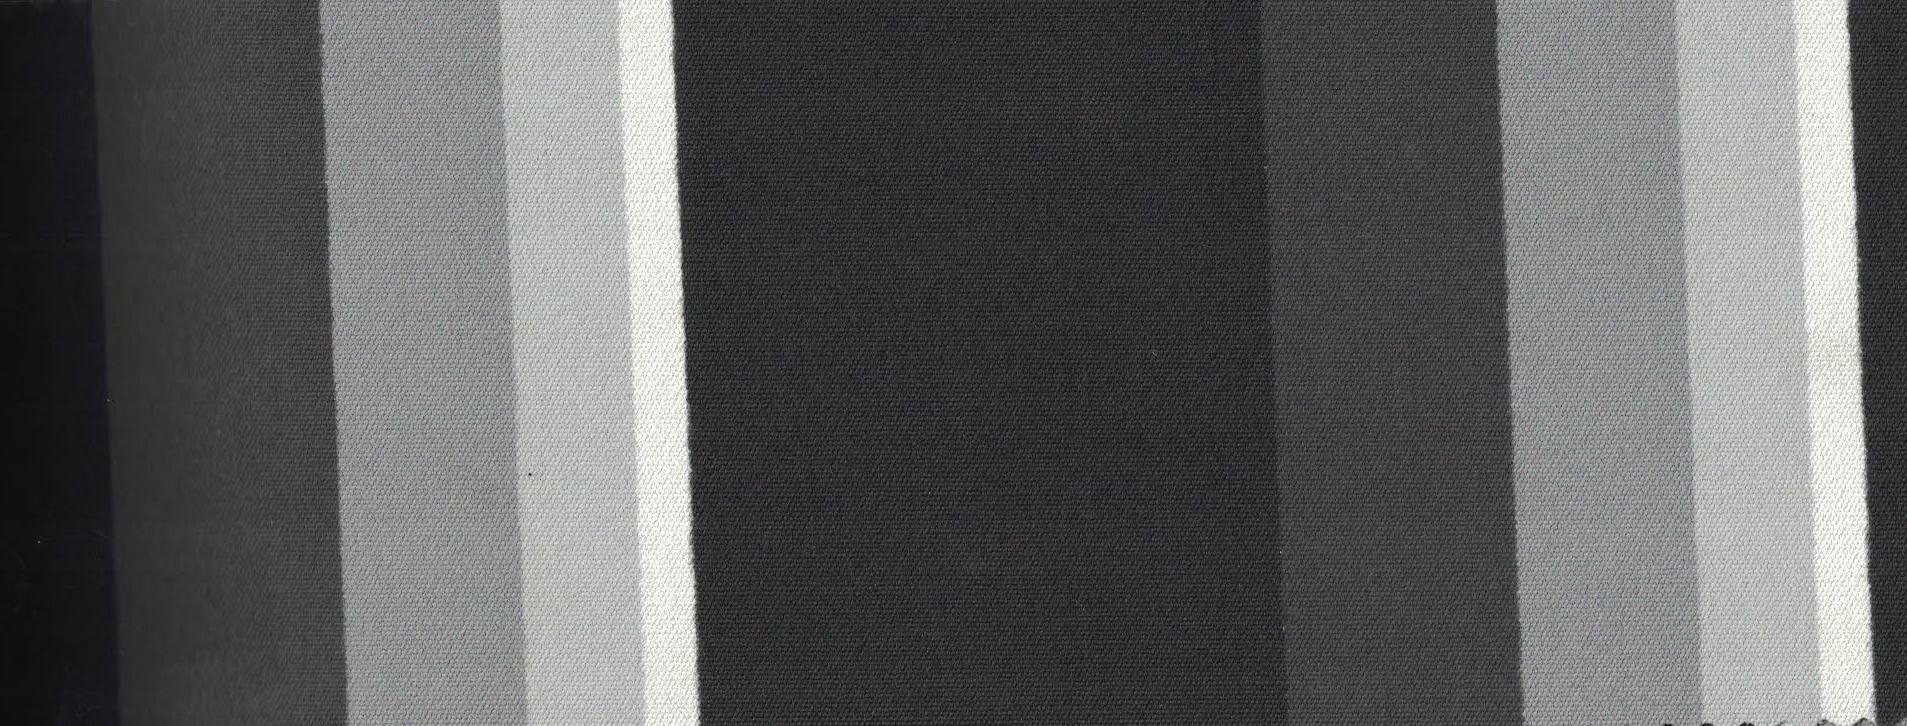 Annexes All Sorts A Canvas